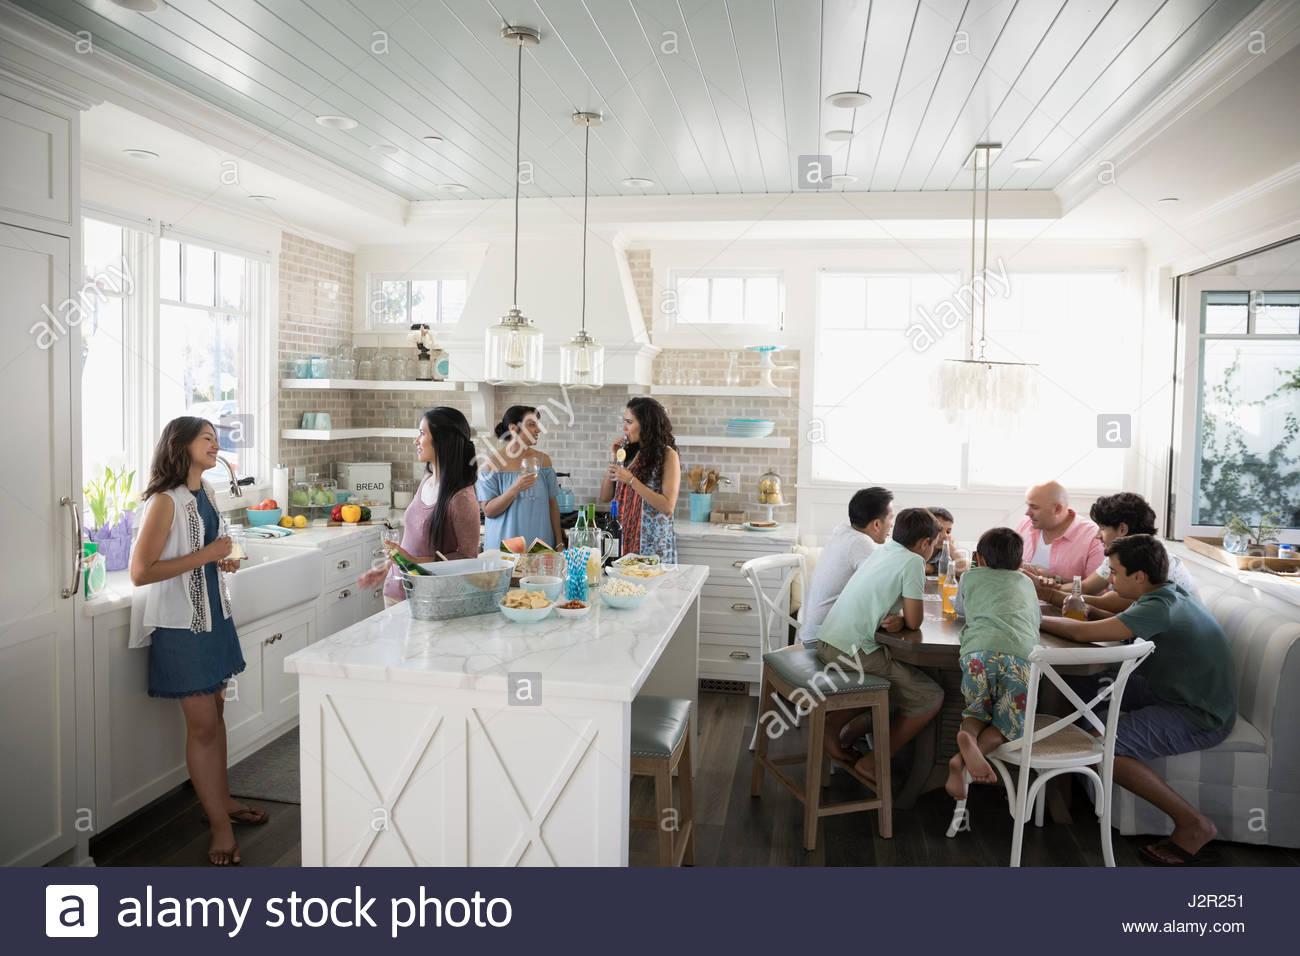 La famille et les amis boire et manger dans la cuisine maison de plage Photo Stock